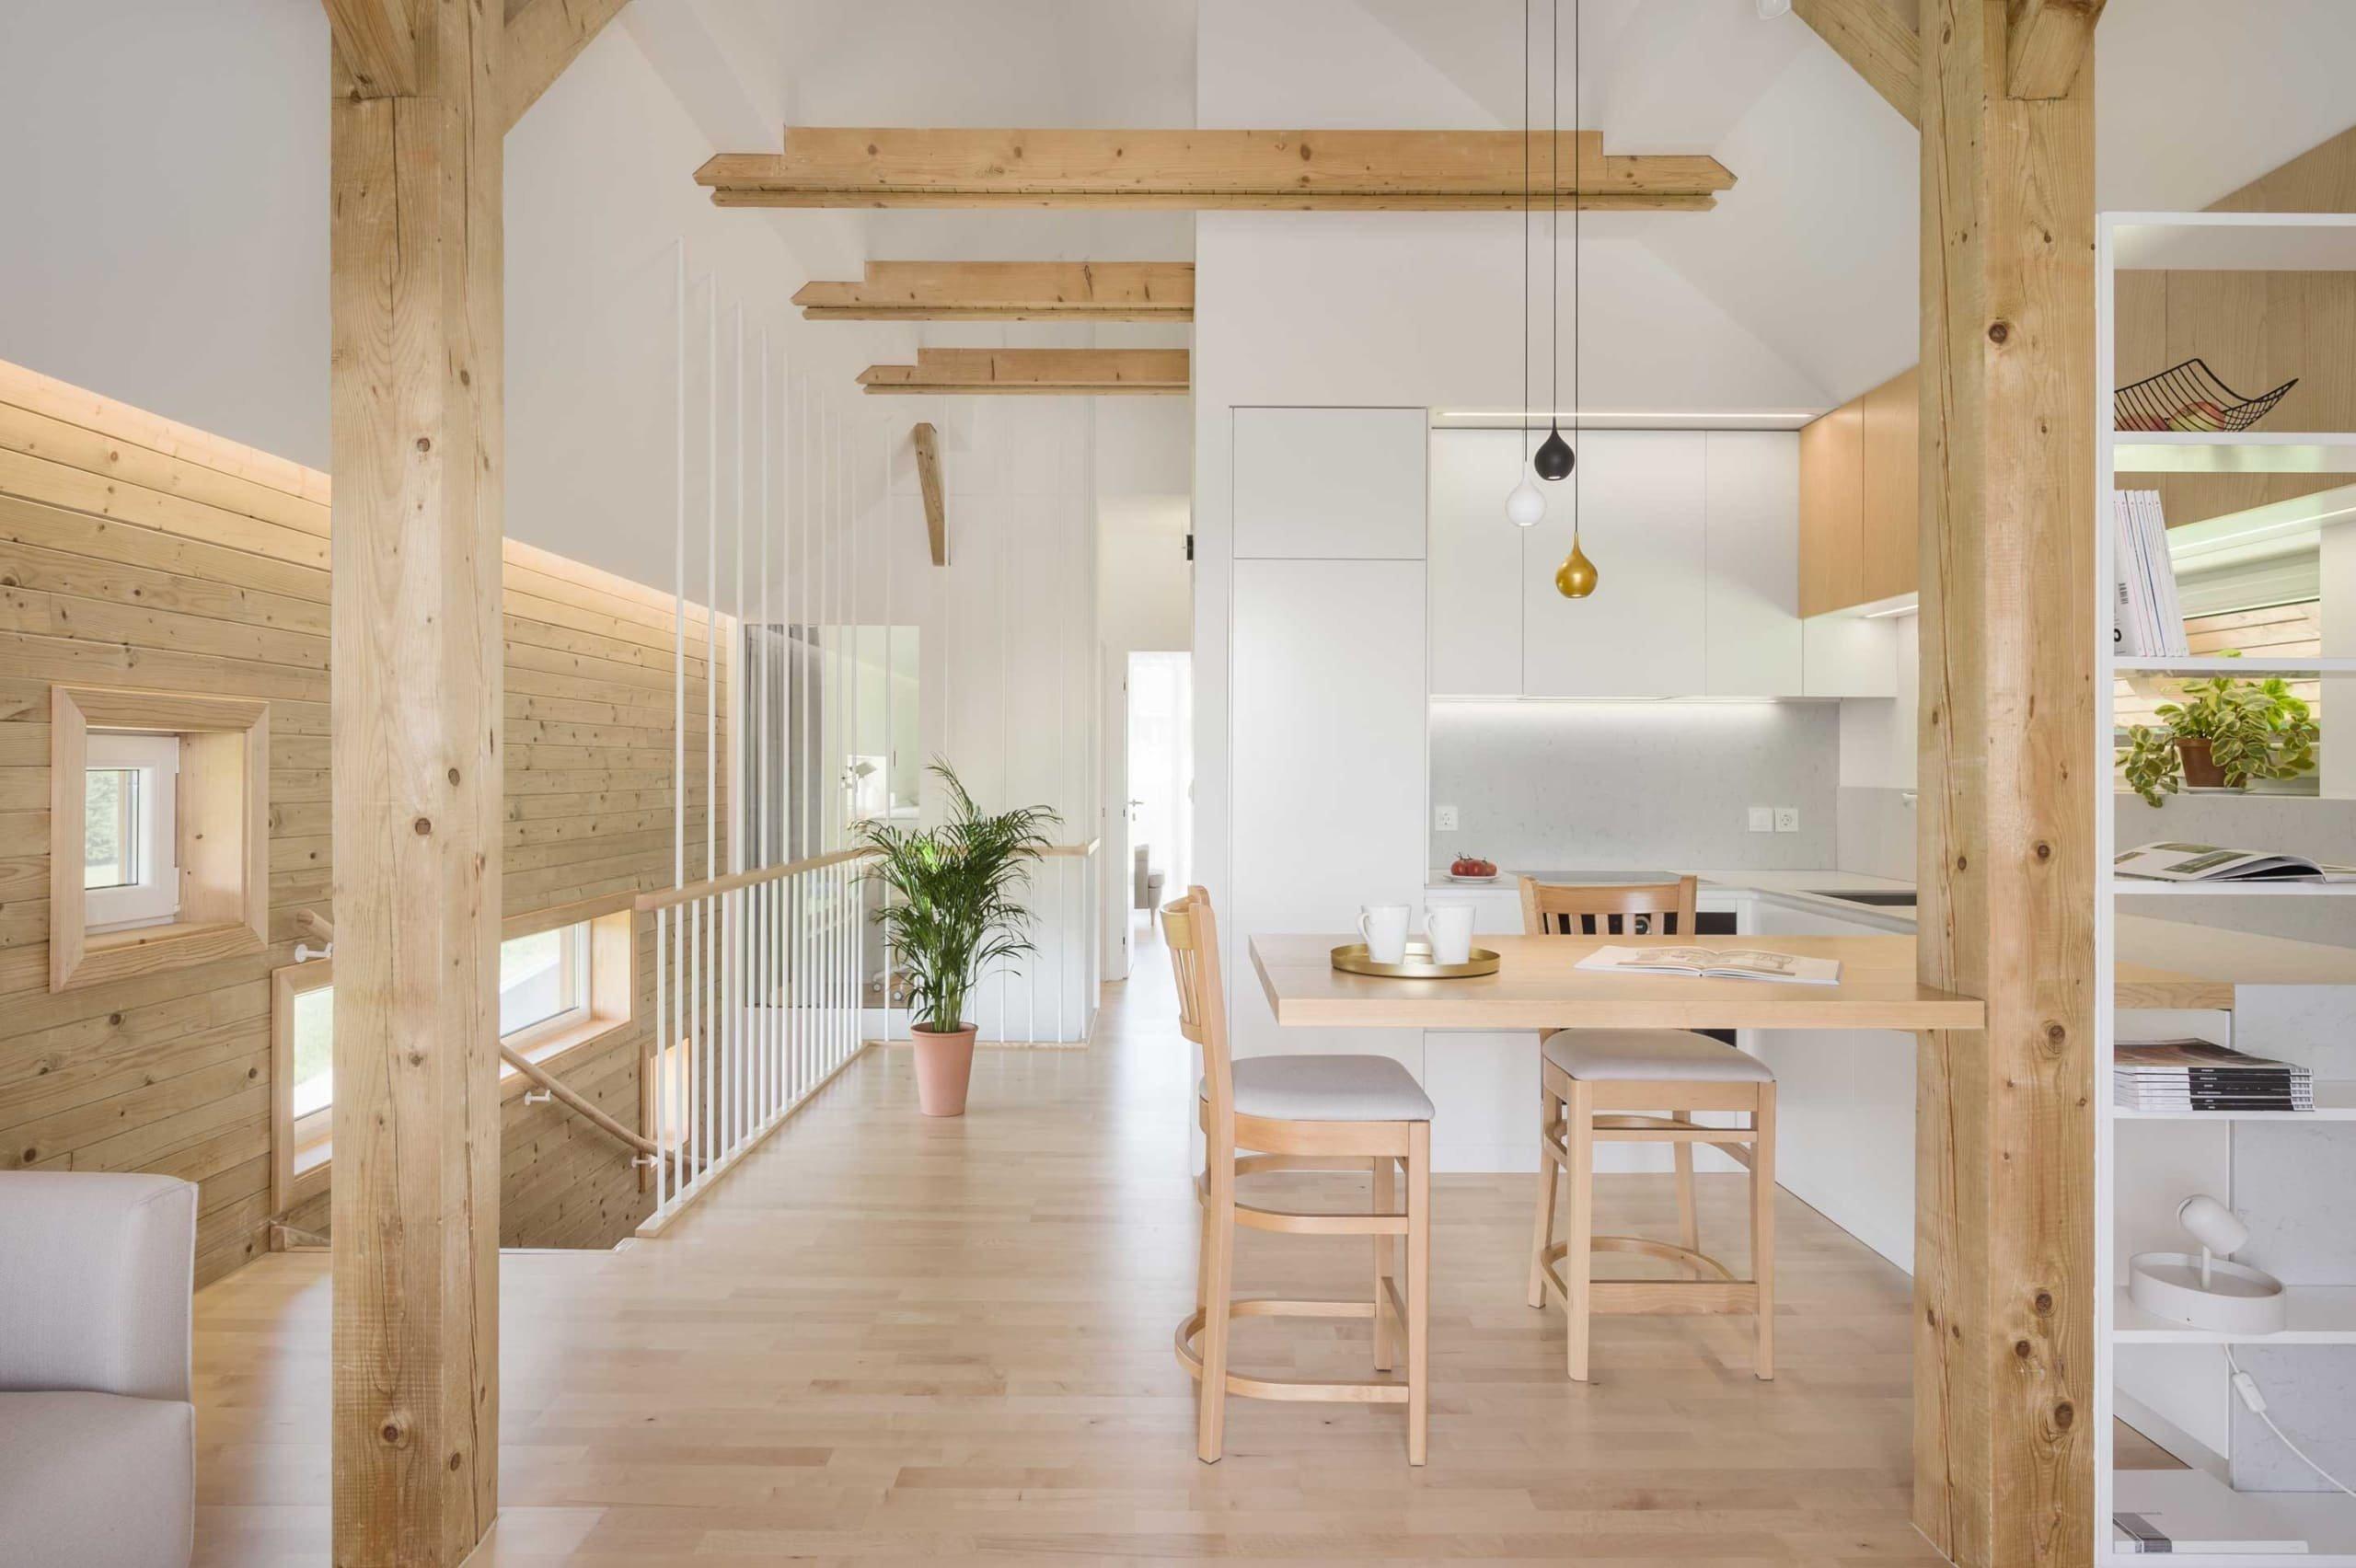 Vzdušné bydlení v objetí dřeva